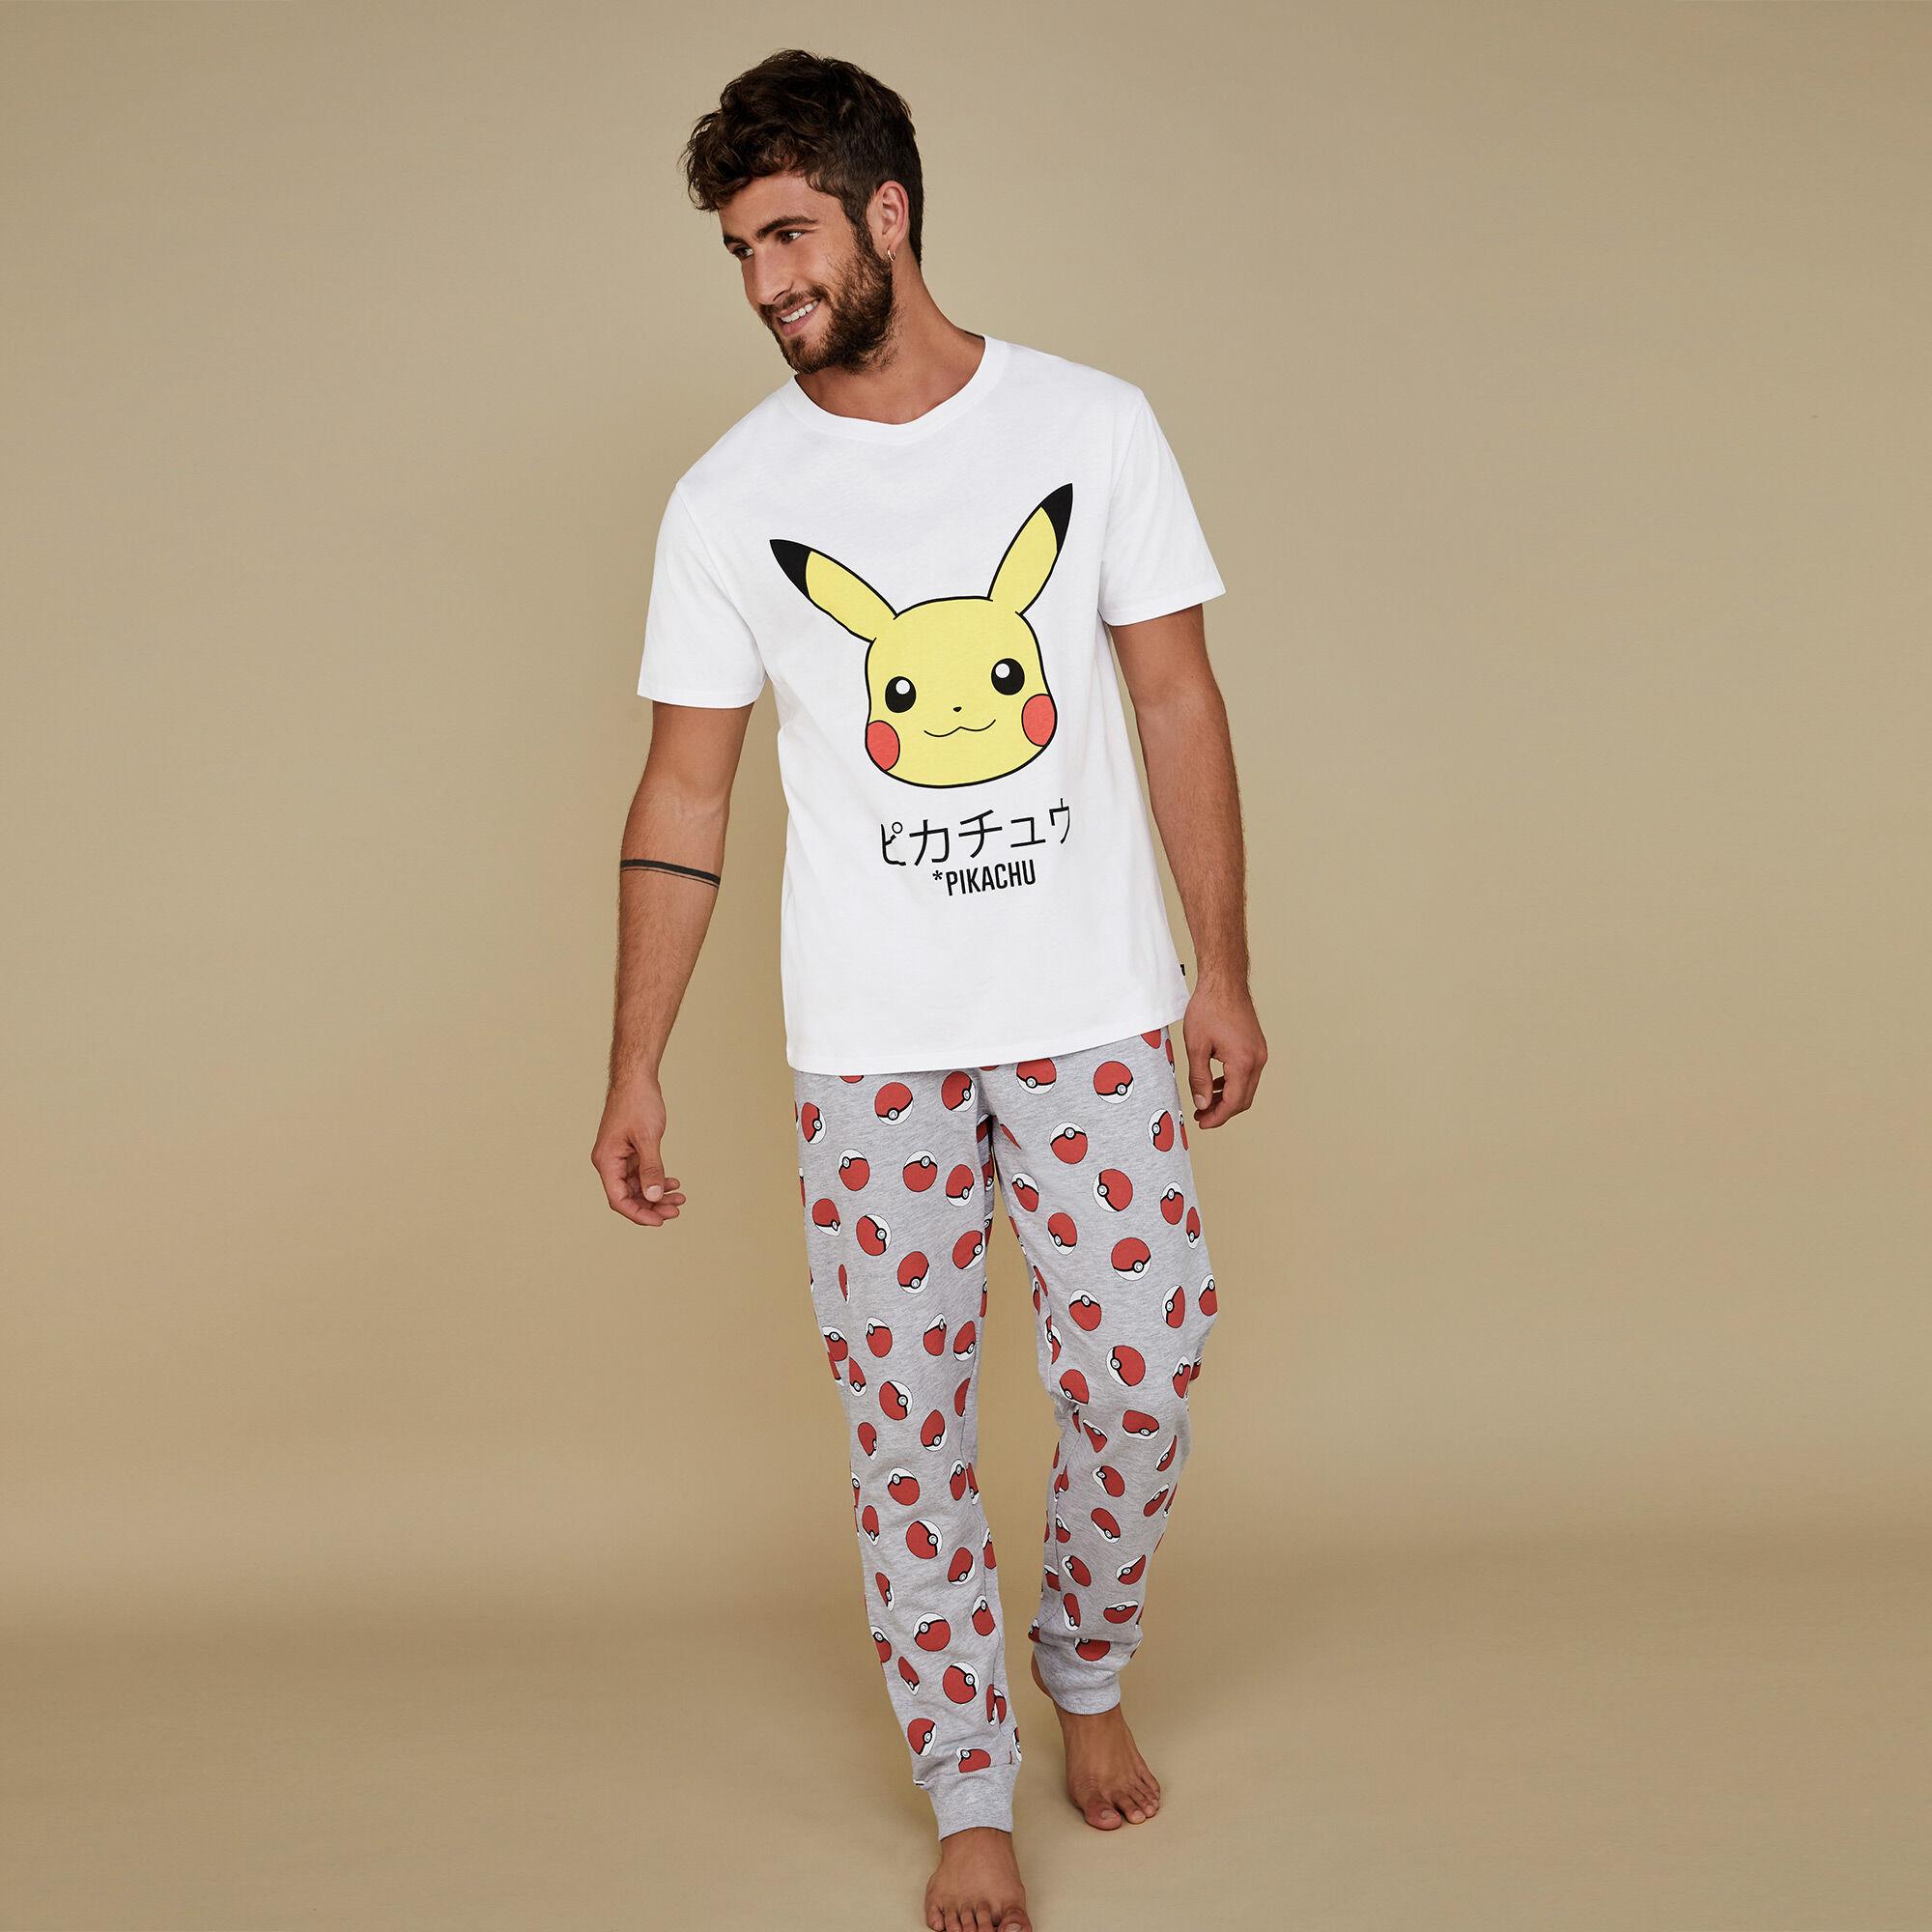 Les Homme NoelTous Ensembles Pyjama De CQxrtshd